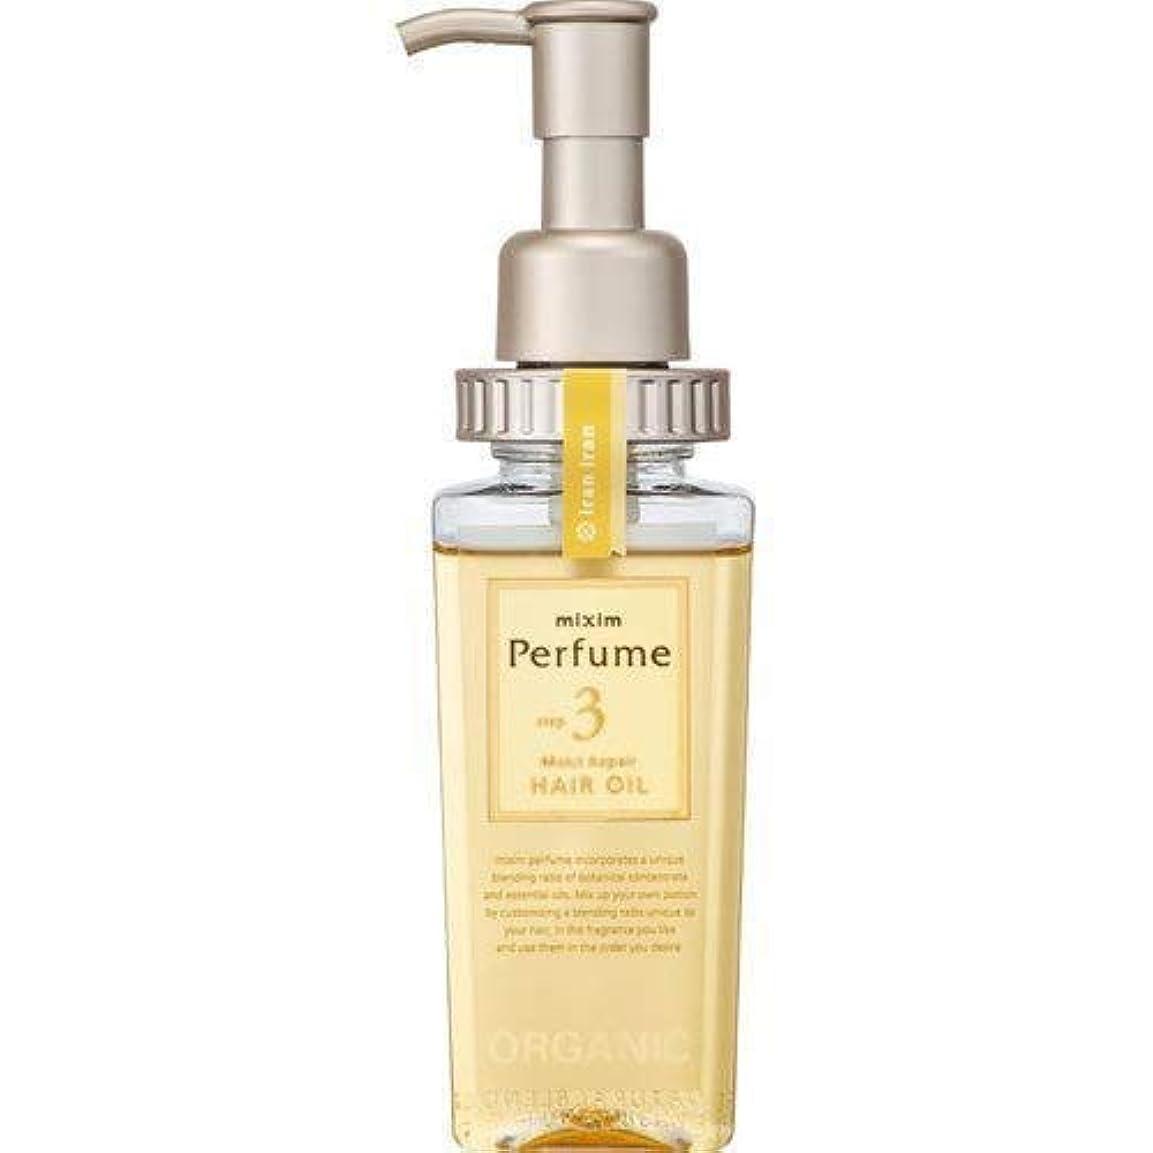 落ち着く極めて一時的mixim Perfume(ミクシムパフューム) モイストリペア ヘアオイル 100mL